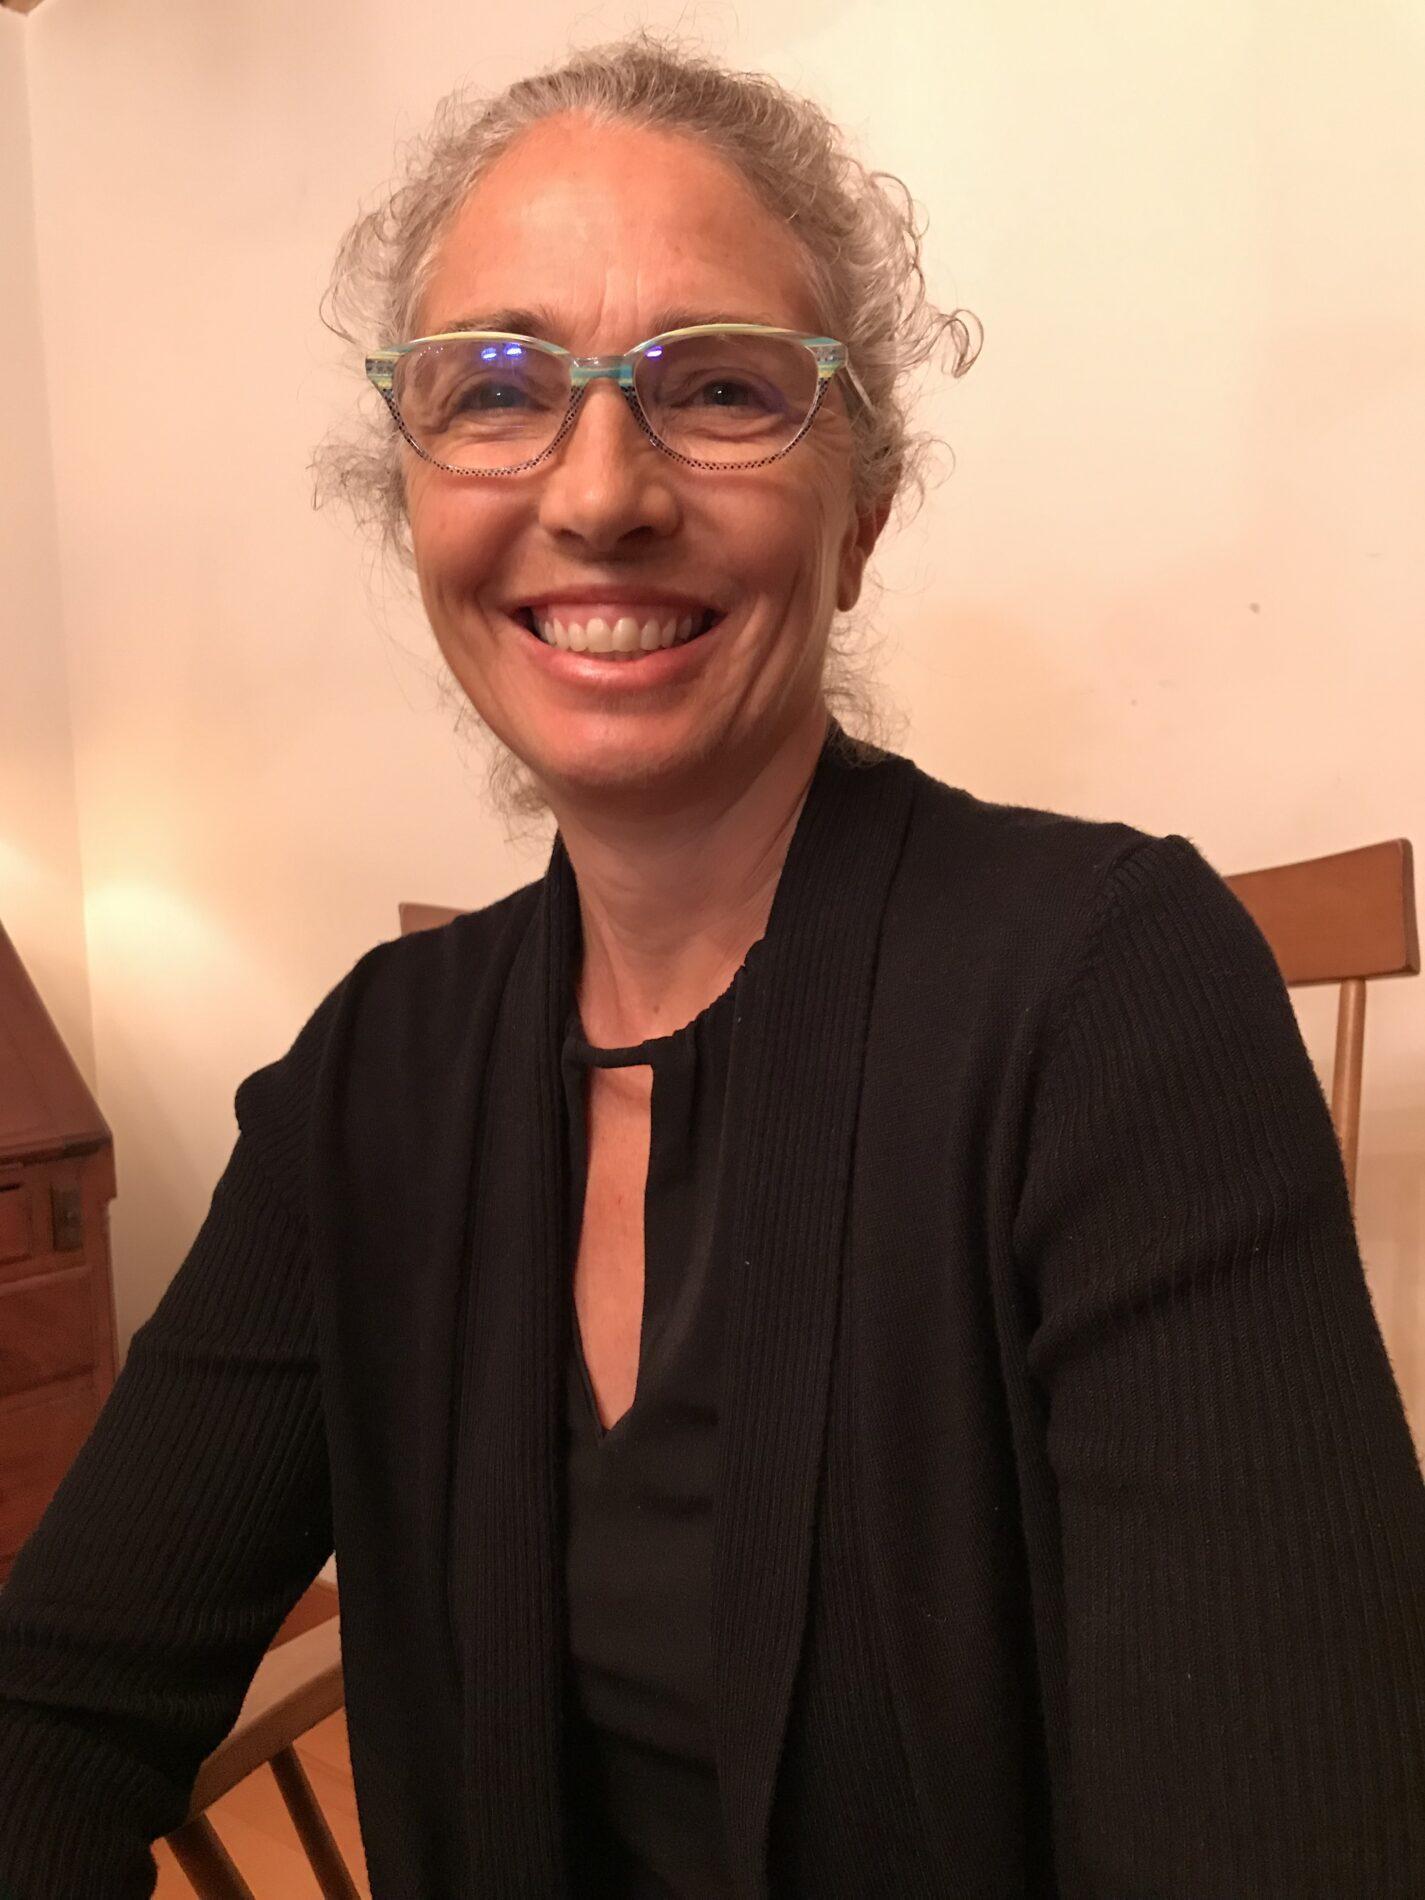 Eva Merriam